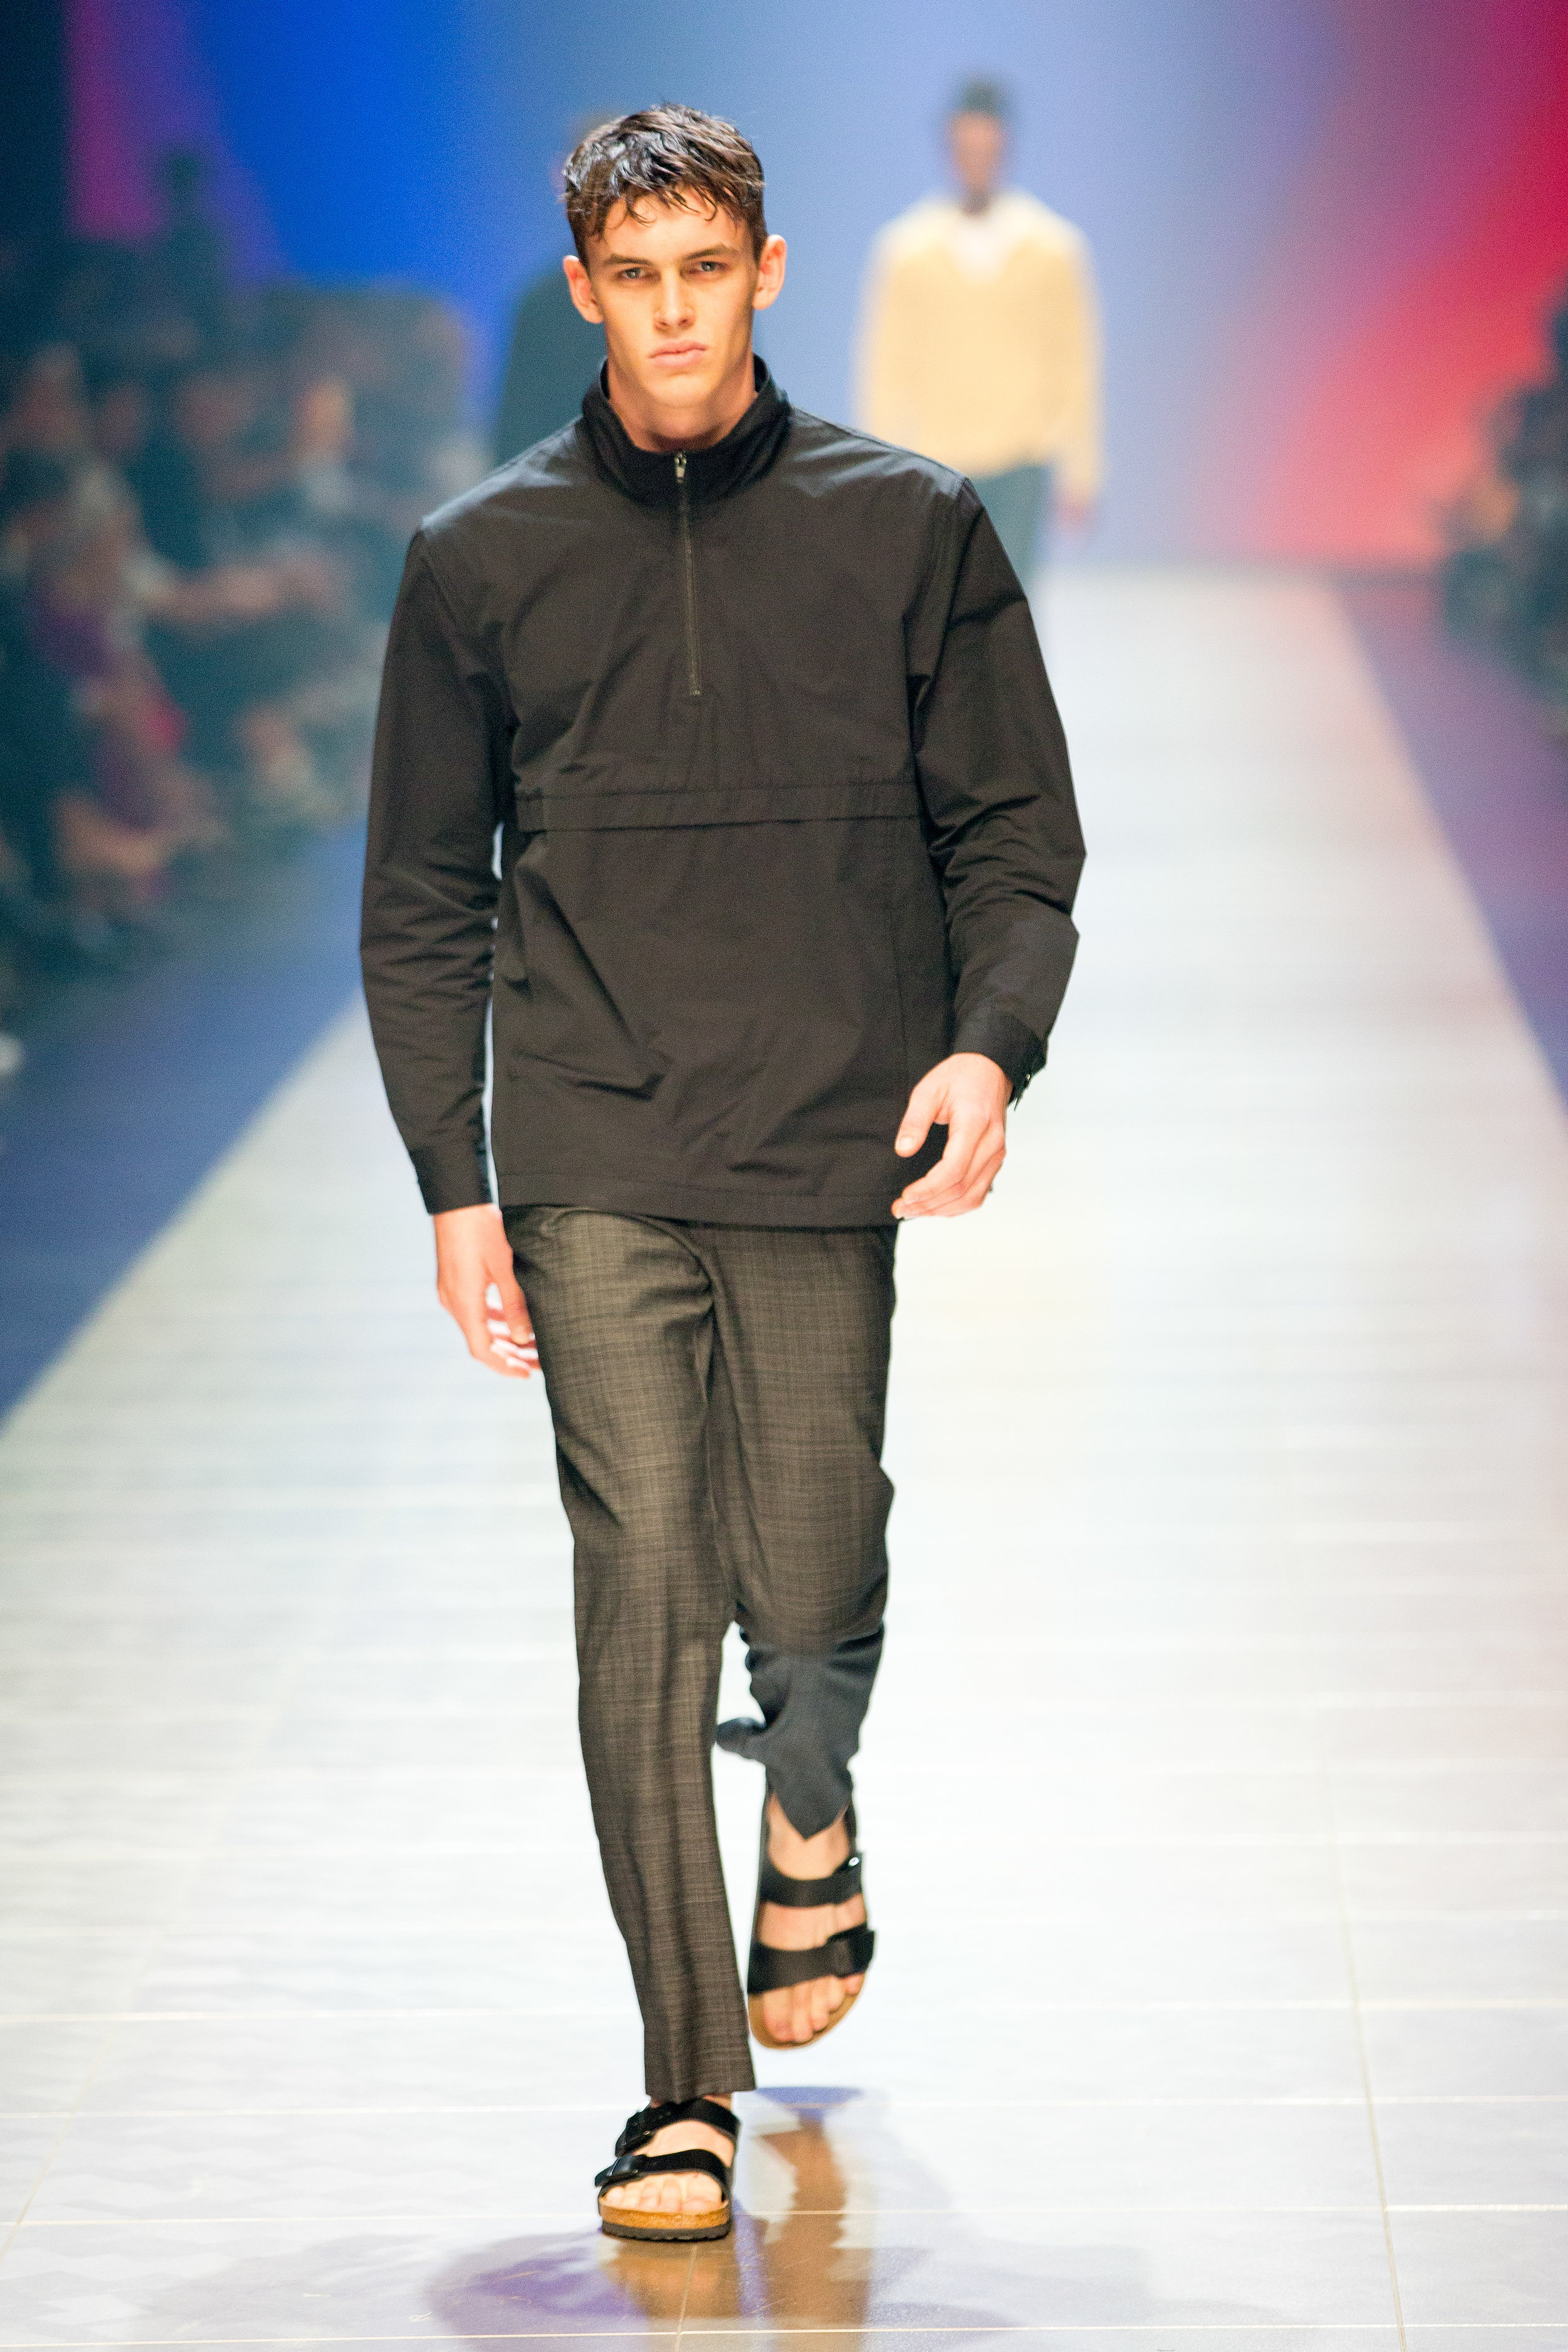 VAMFF2019_GQ Menswear-139.jpg